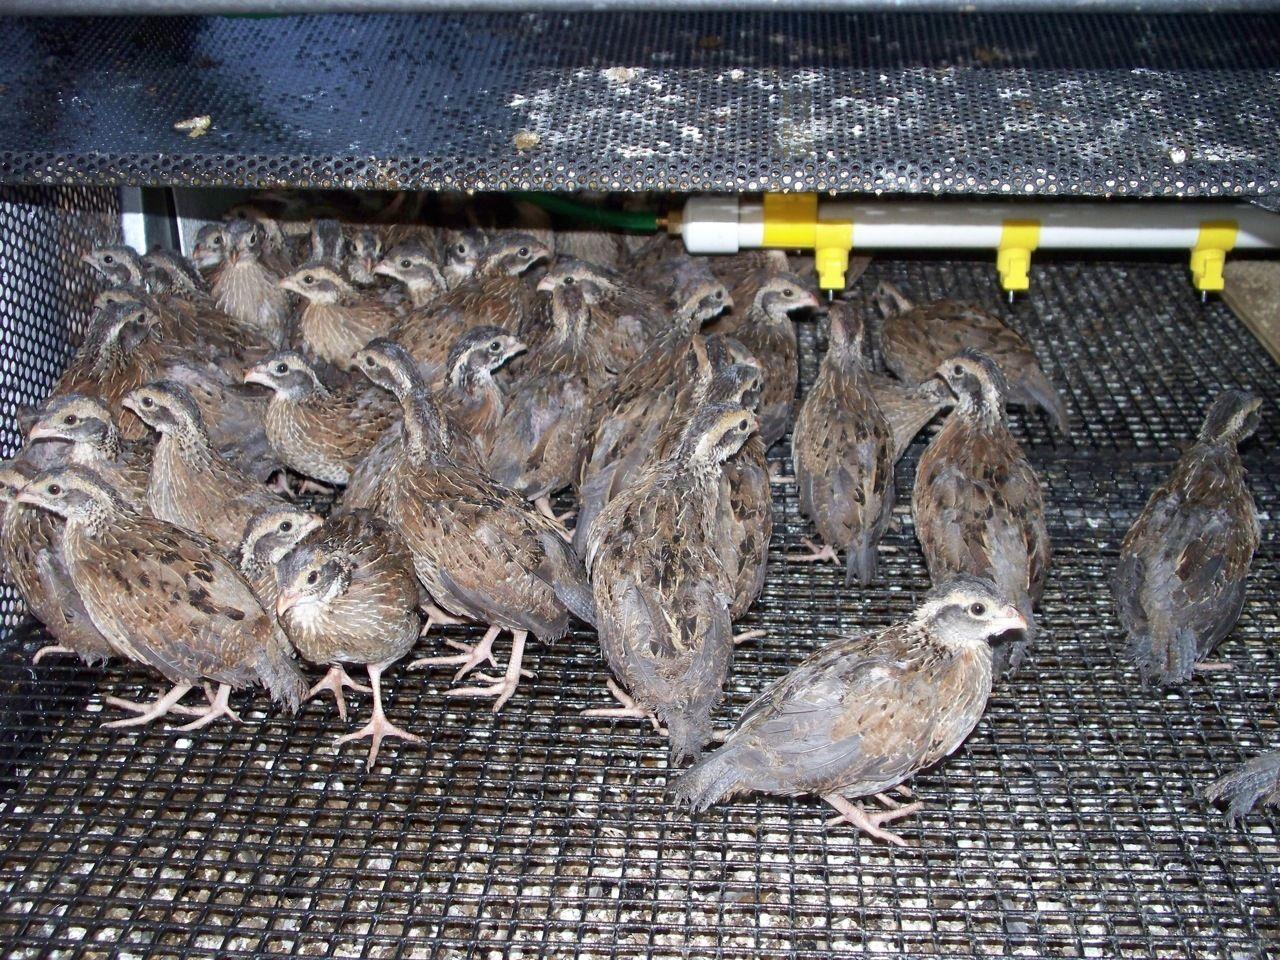 Промышленное птицеводство в домашних условиях - ч.1 8